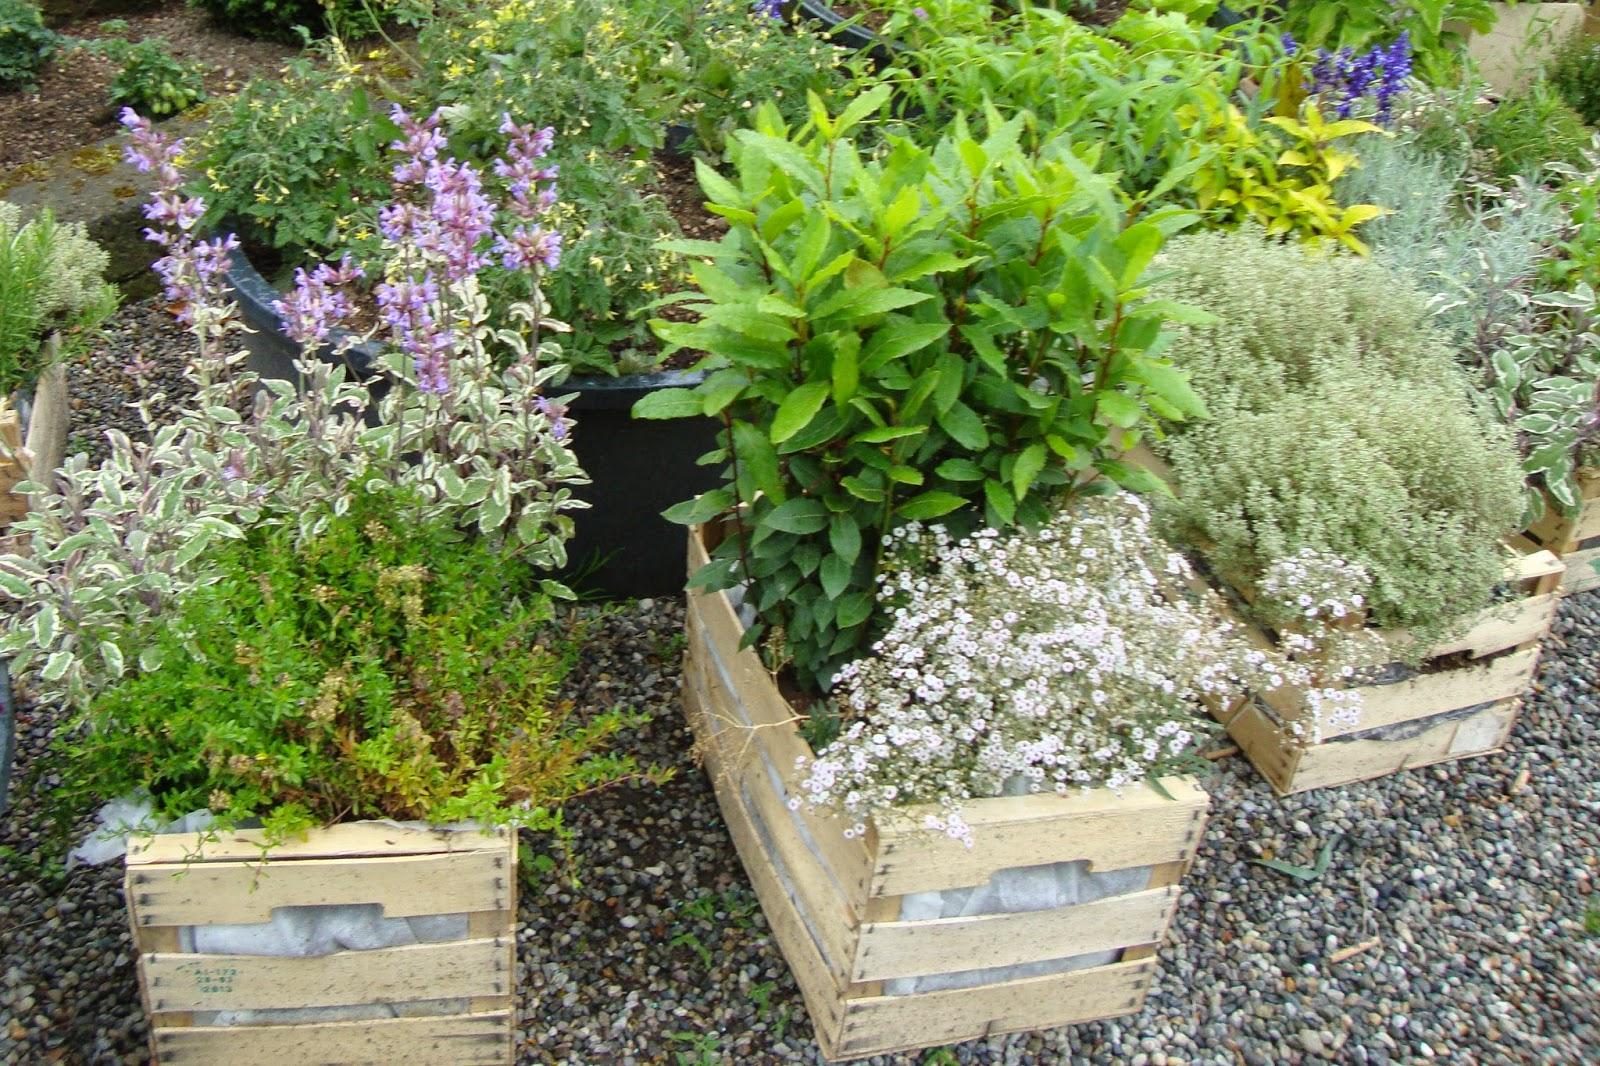 Un piccolo giardino in città: per la festa dei nonni...fiori e ...